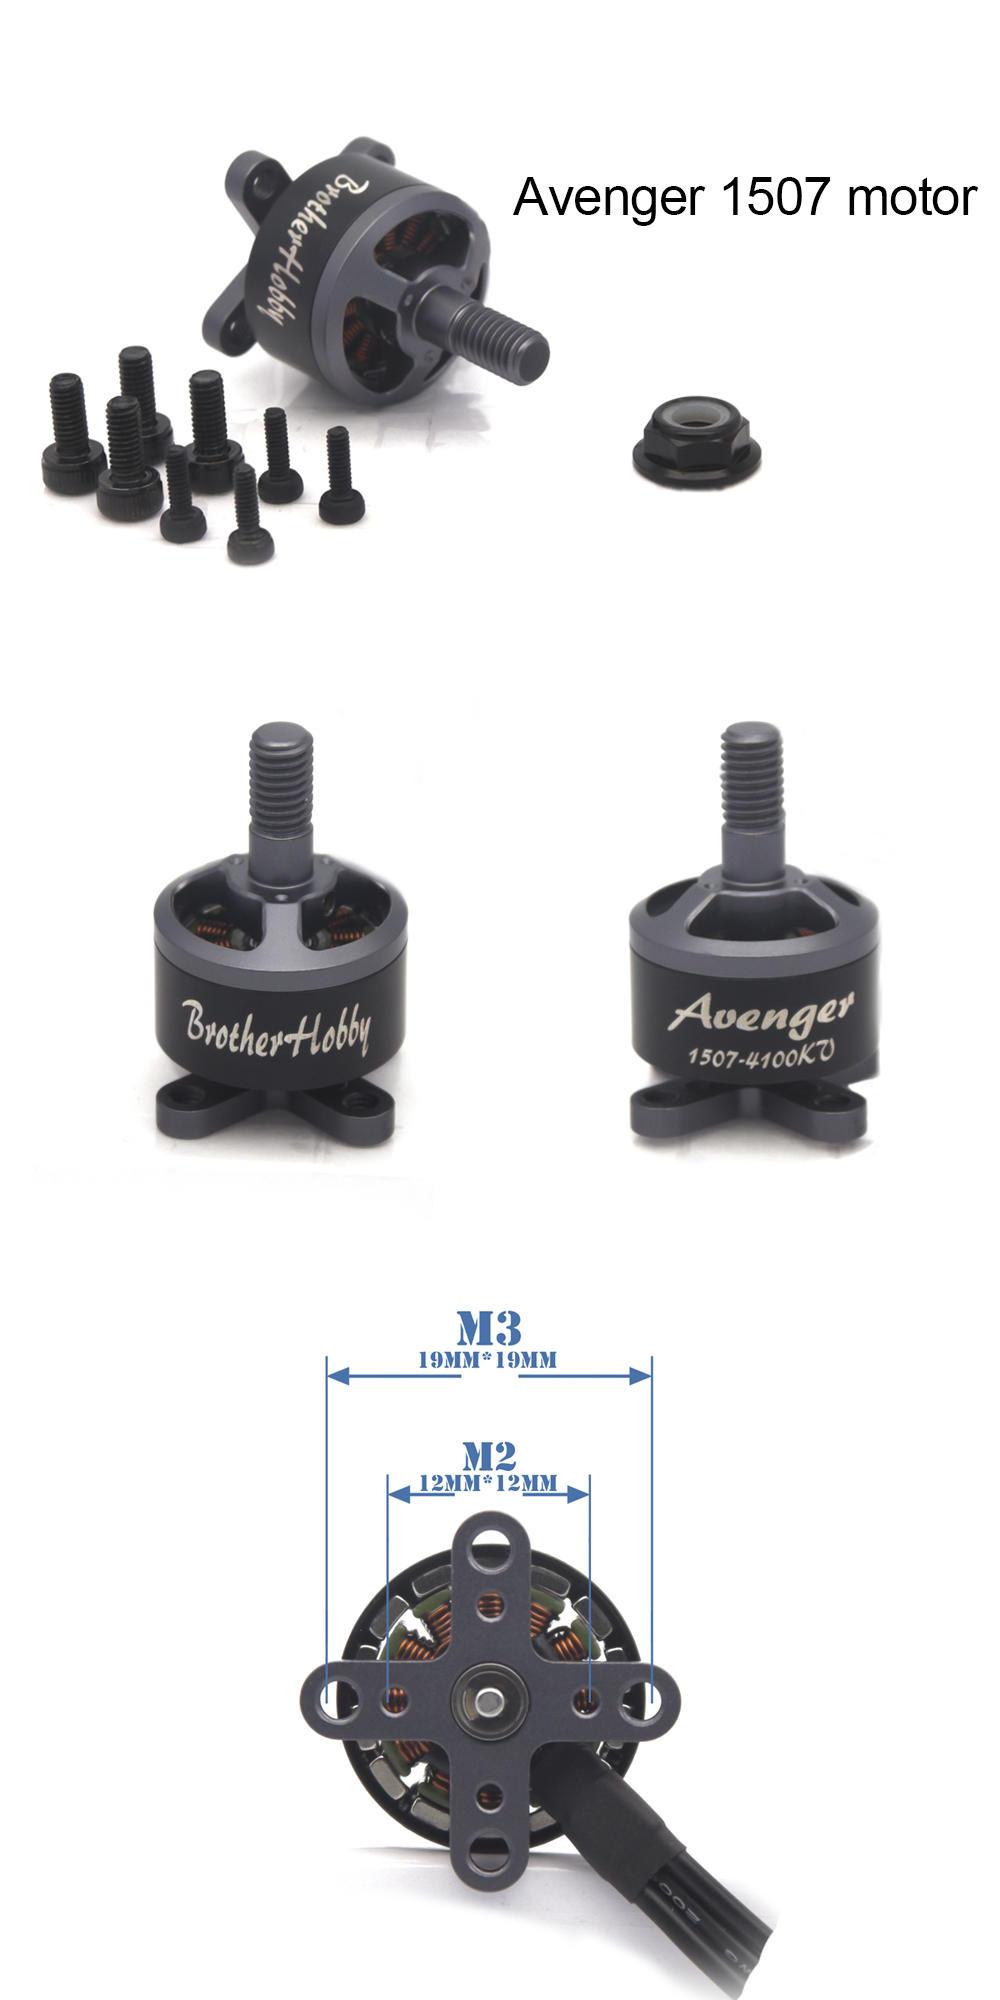 Brotherhobby Avenger 1507 3600kv Motor